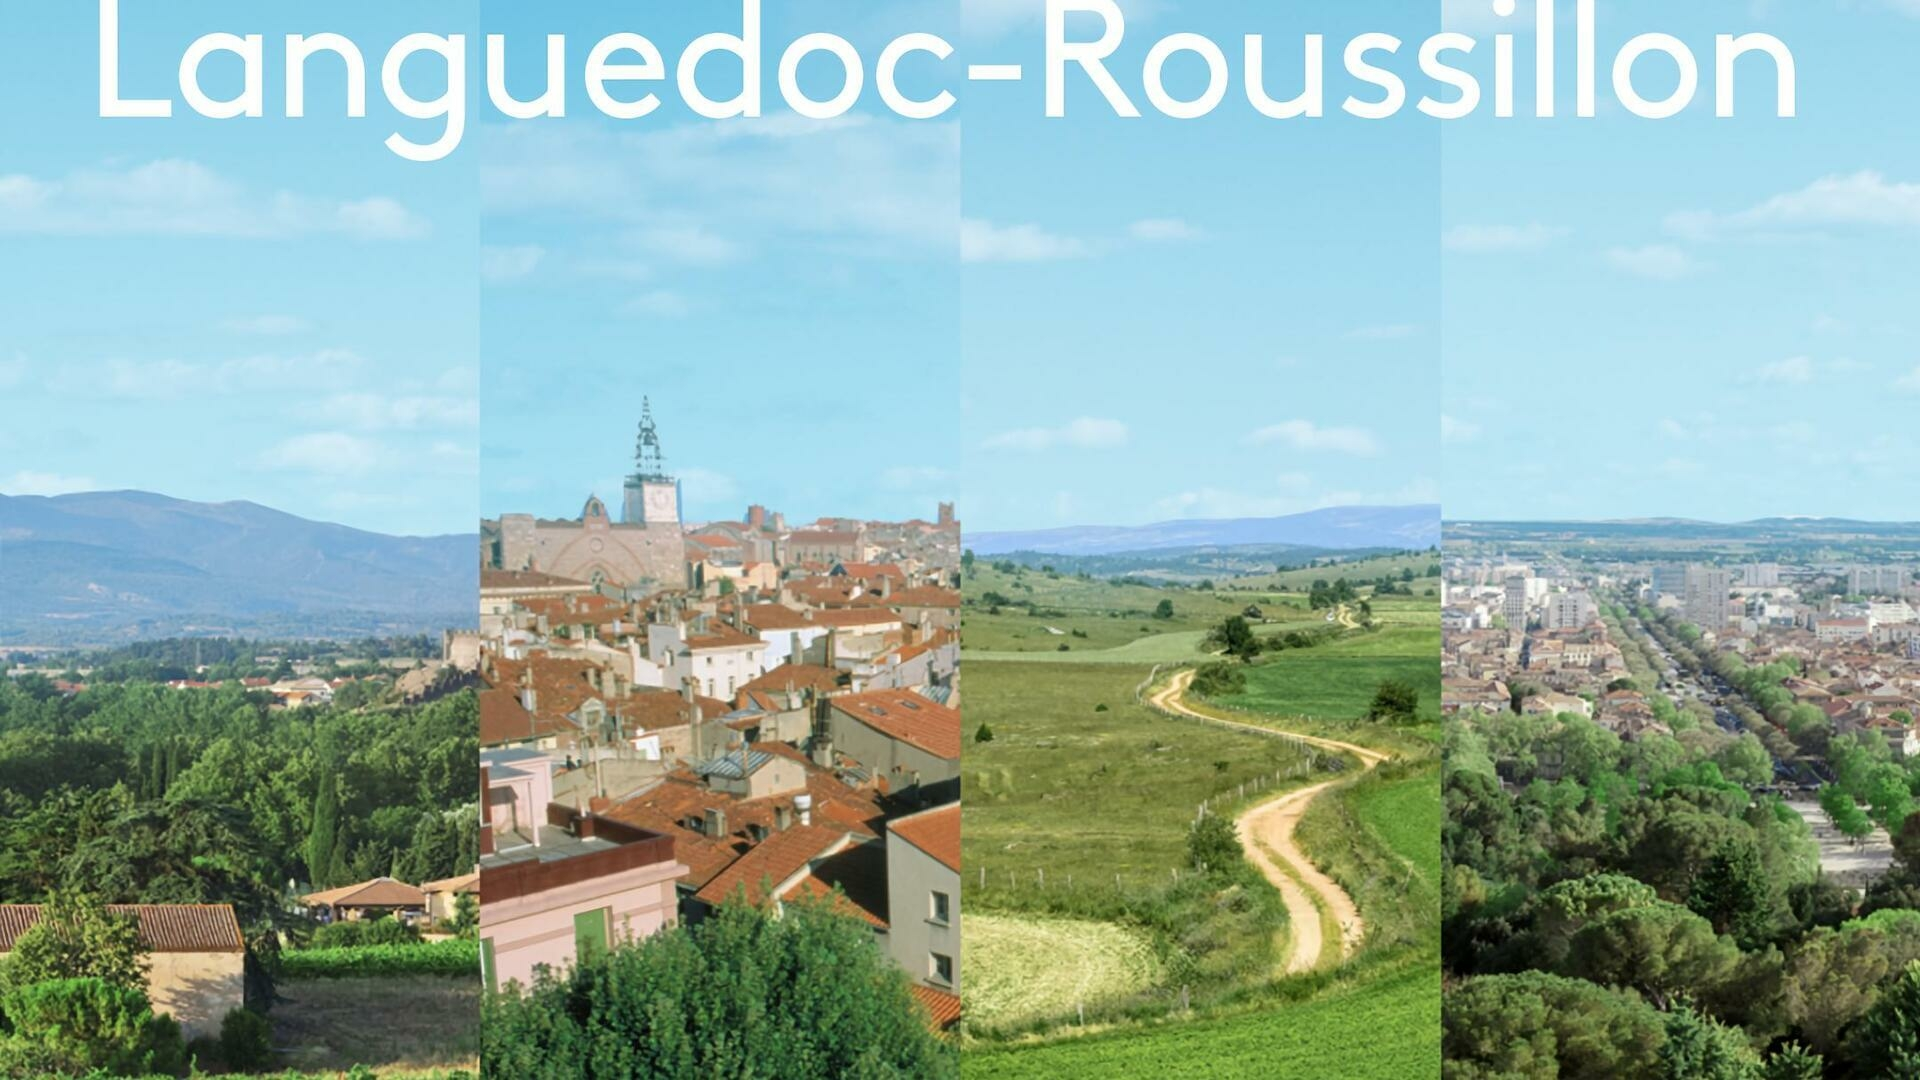 12/13 Languedoc-Roussillon